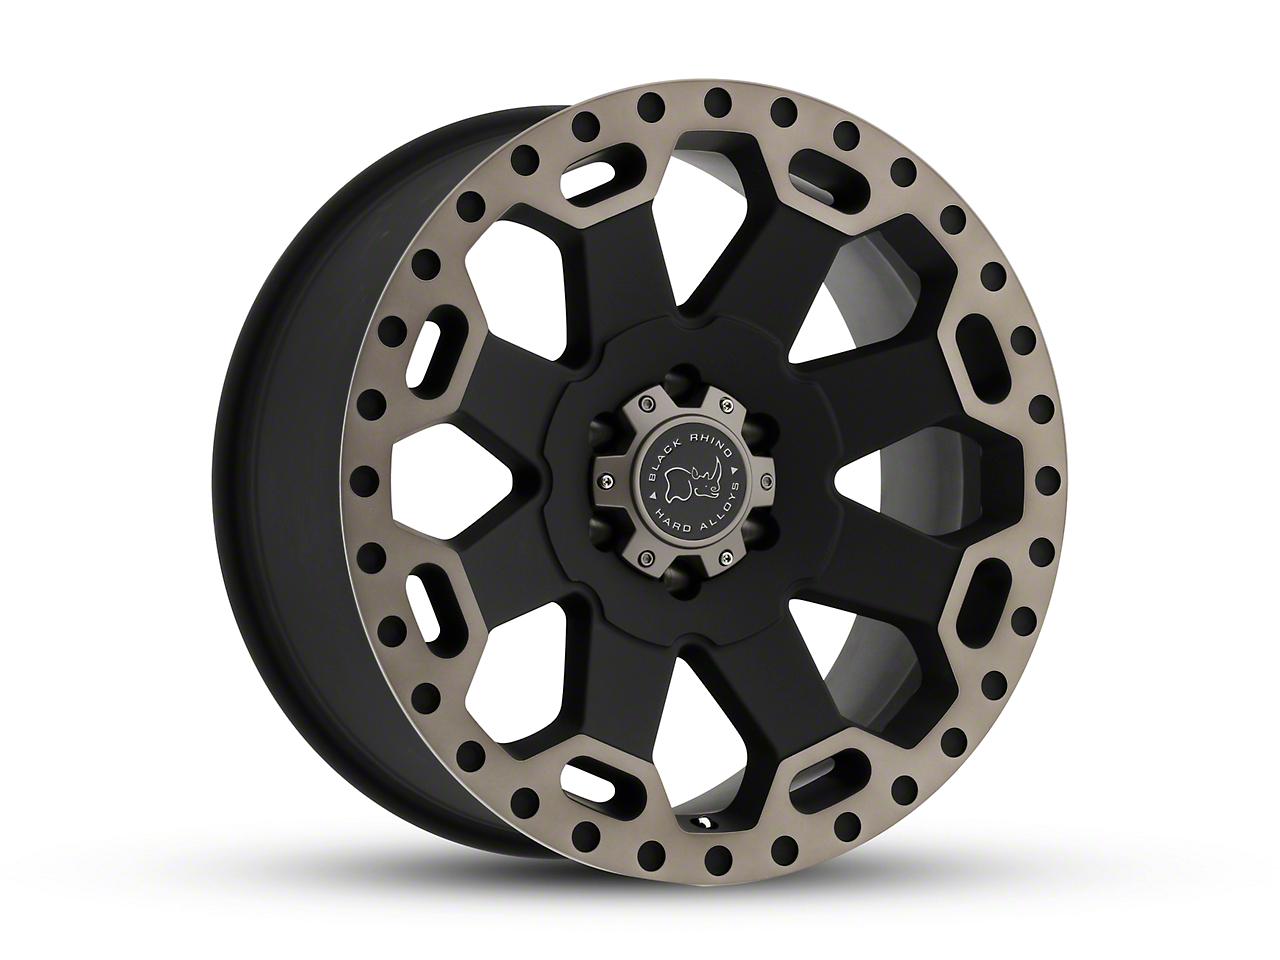 Black Rhino Warlord Matte Black Machined 5-Lug Wheel - 20x9 (02-18 RAM 1500, Excluding Mega Cab)